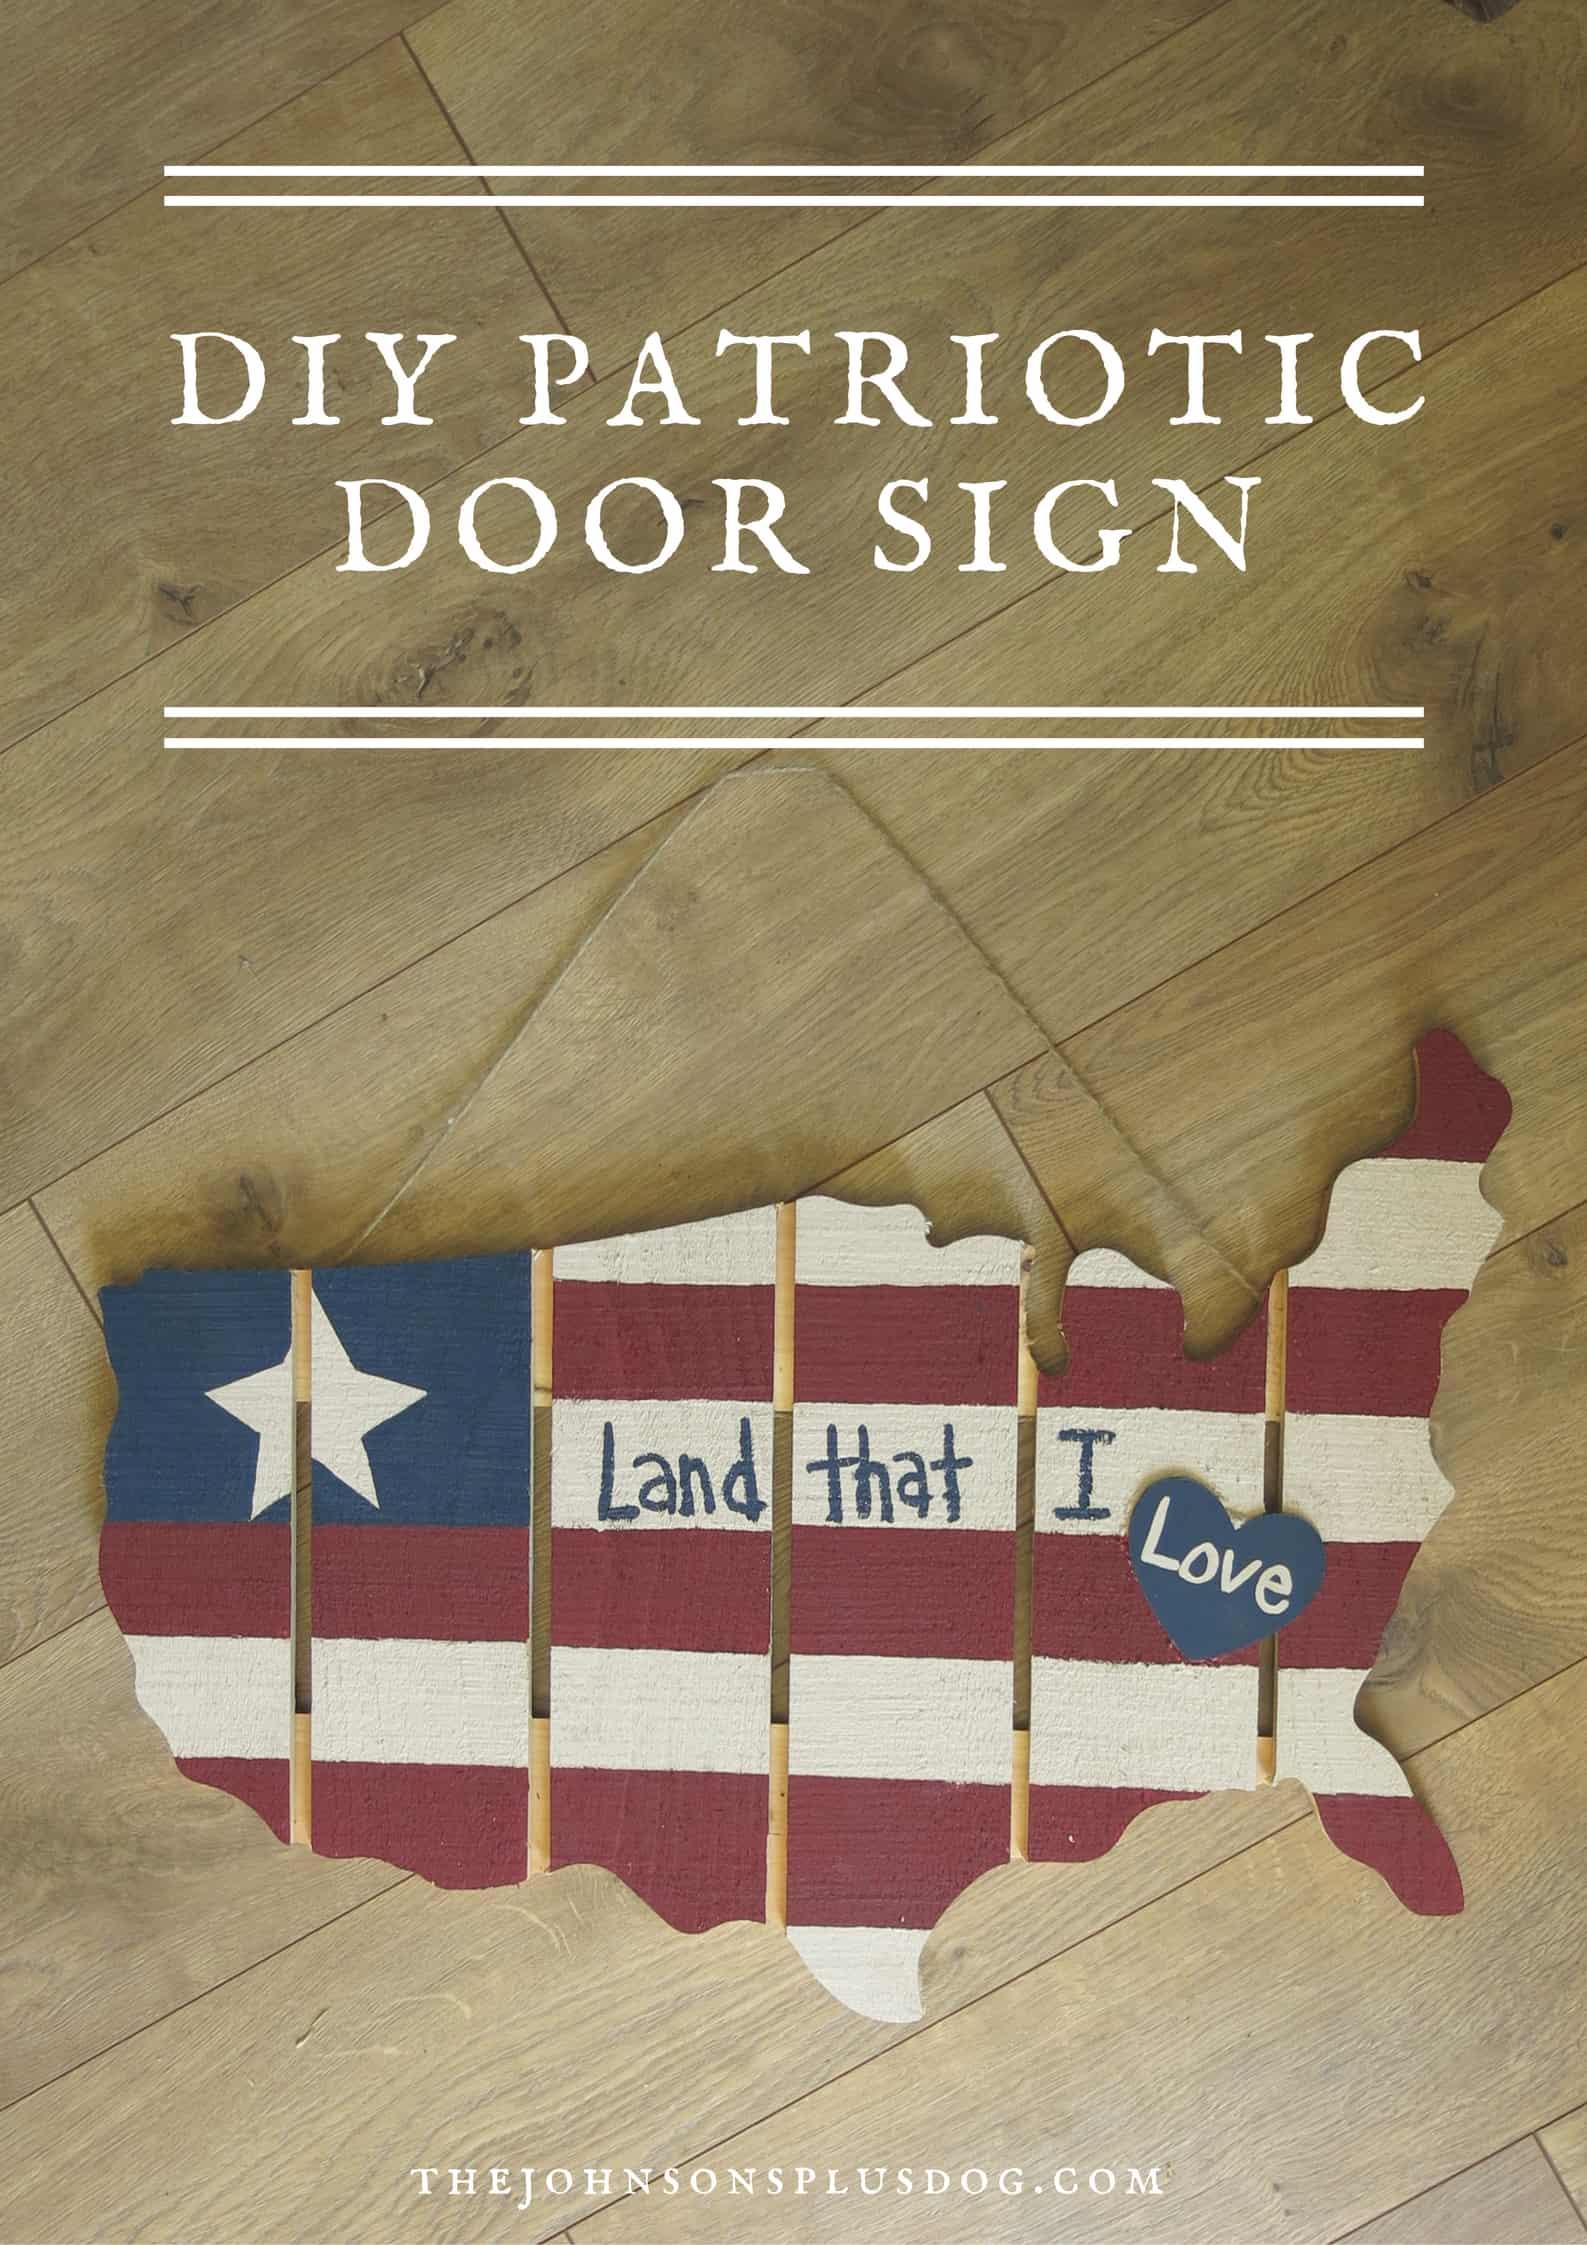 DIY Patriotic Door Sign